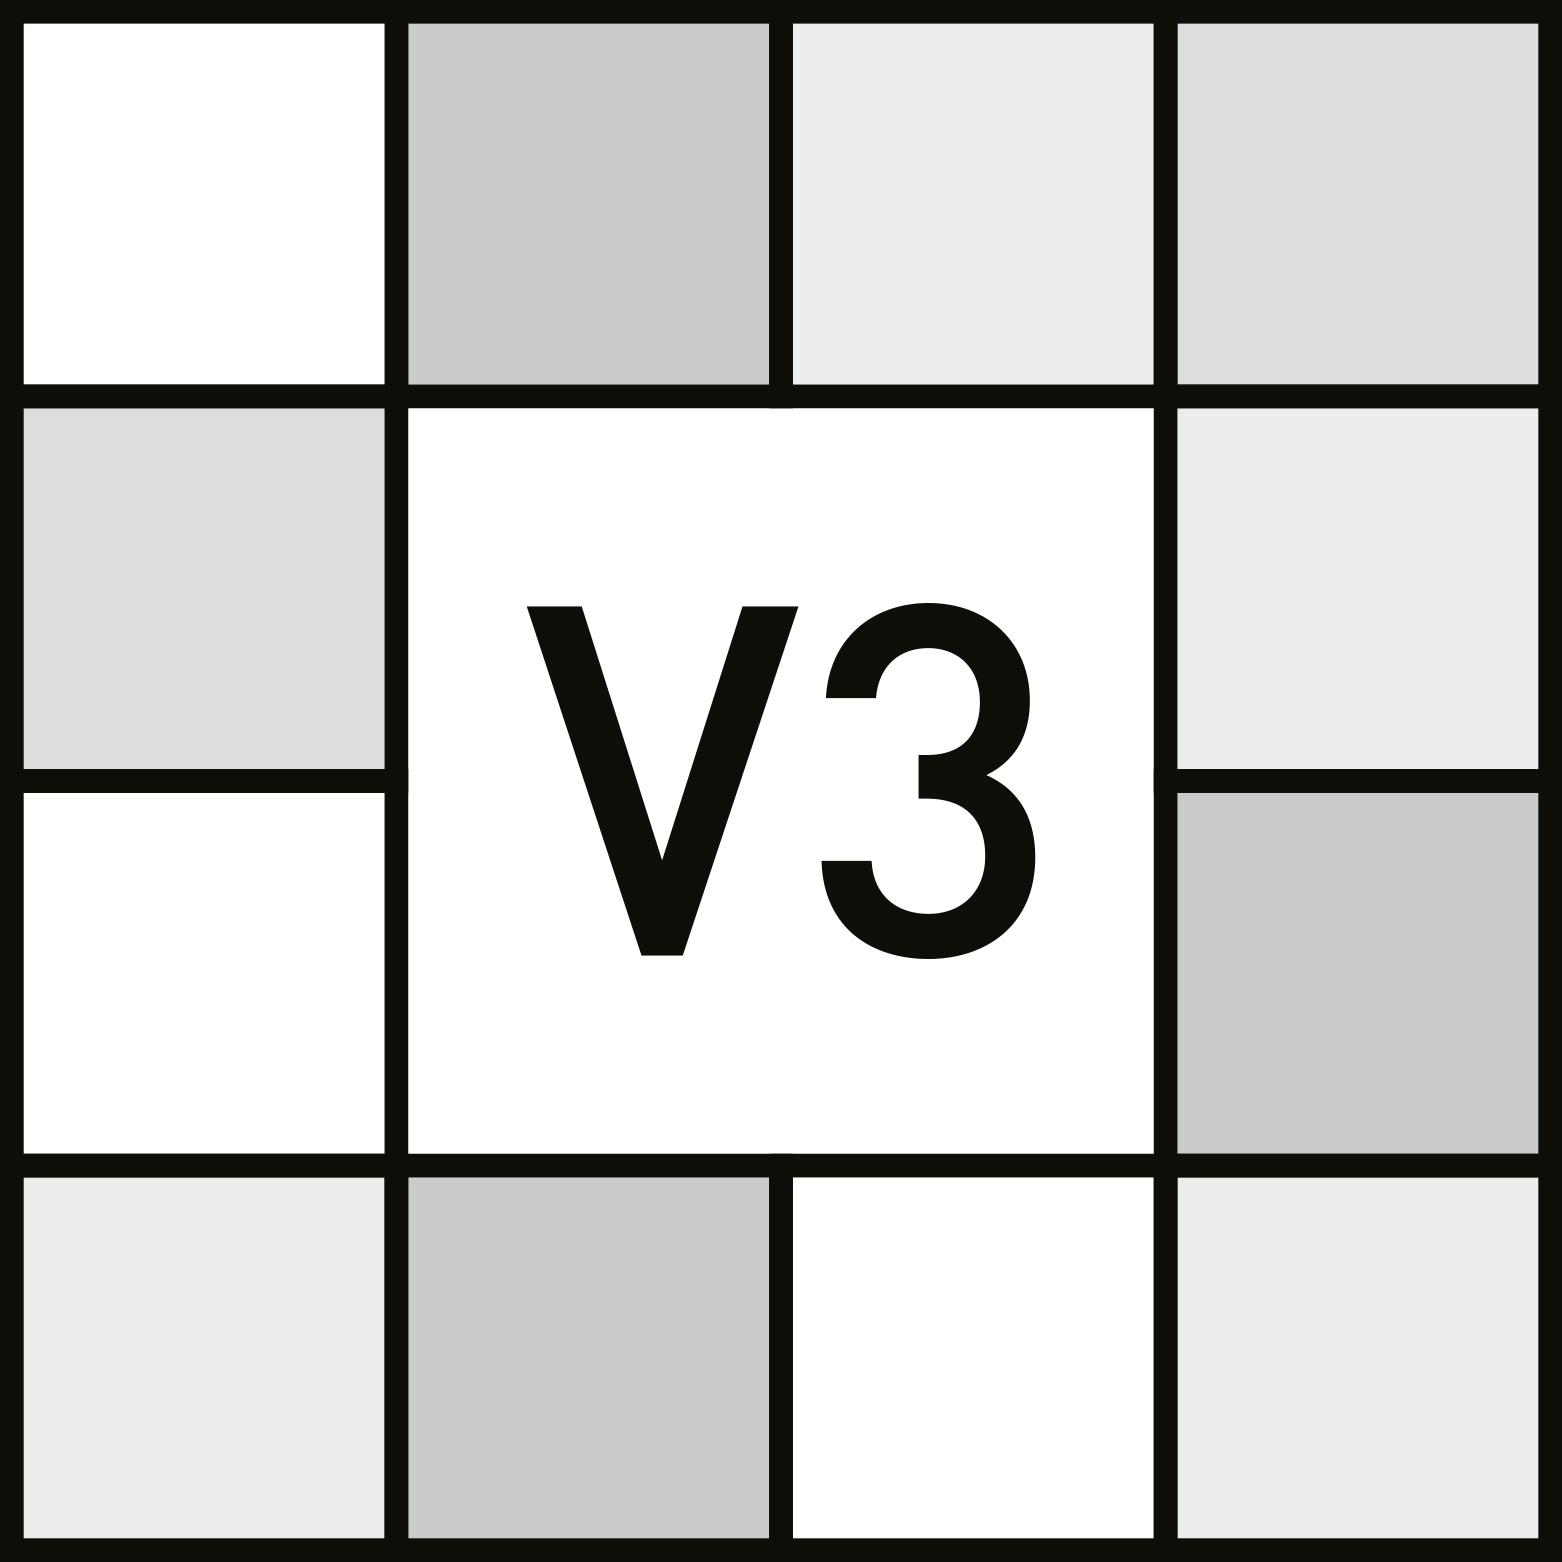 V3 - MÉDIO - Variação moderada. - ANSI A137.1 - Изменение оригинального цвета